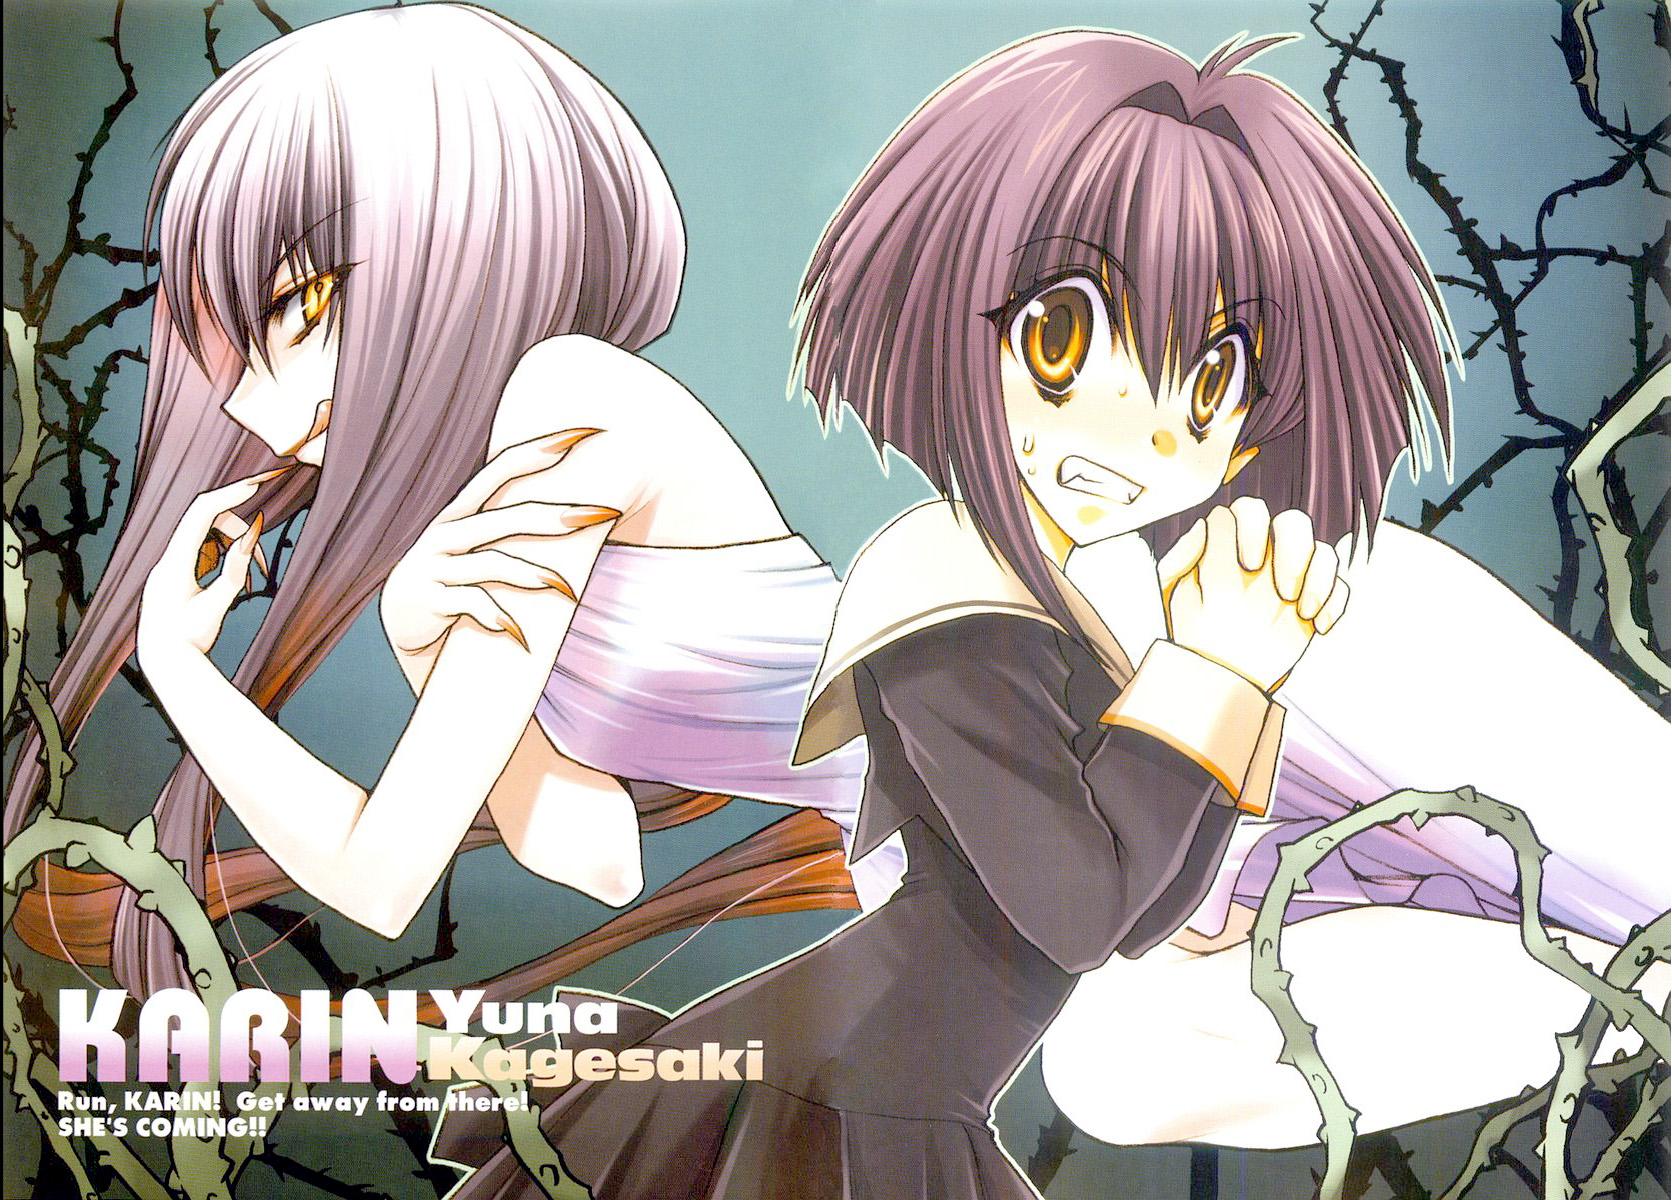 maaka karin - karin (manga) - zerochan anime image board